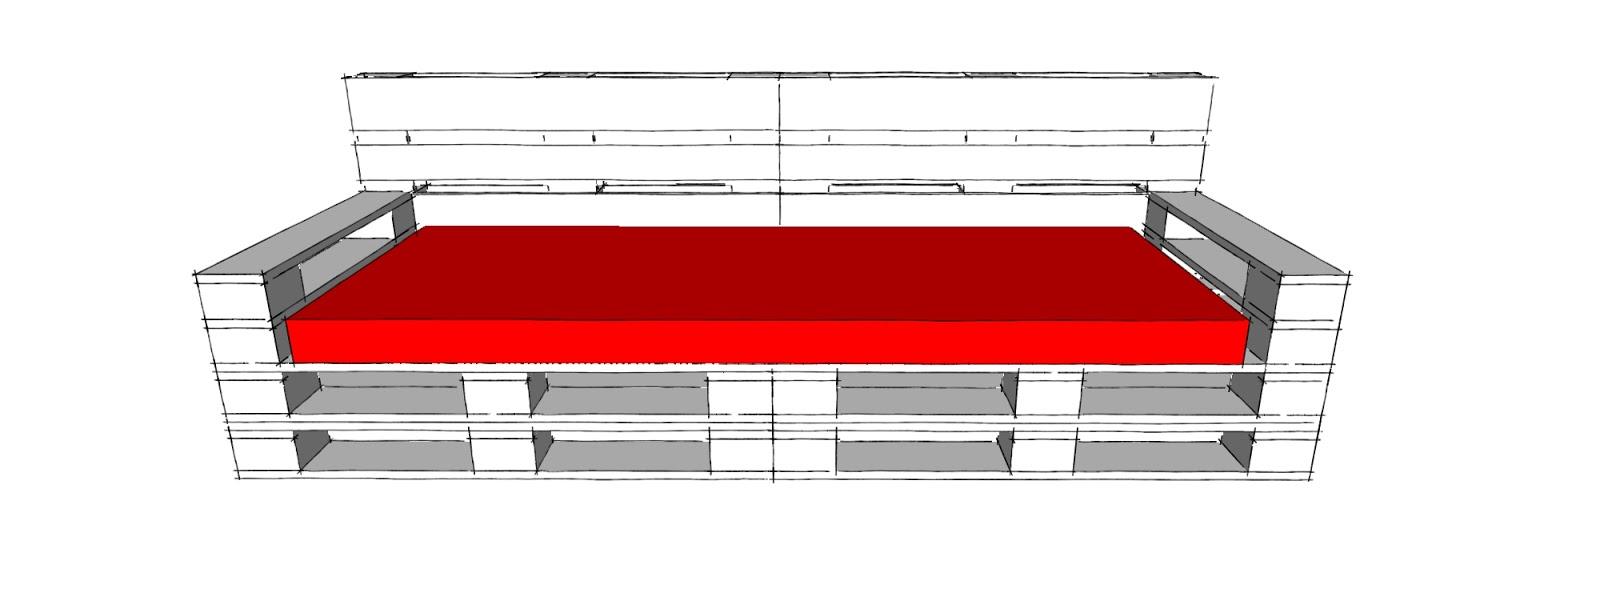 Progettare spazi verdi come costruire un divano con i for Divano bancali